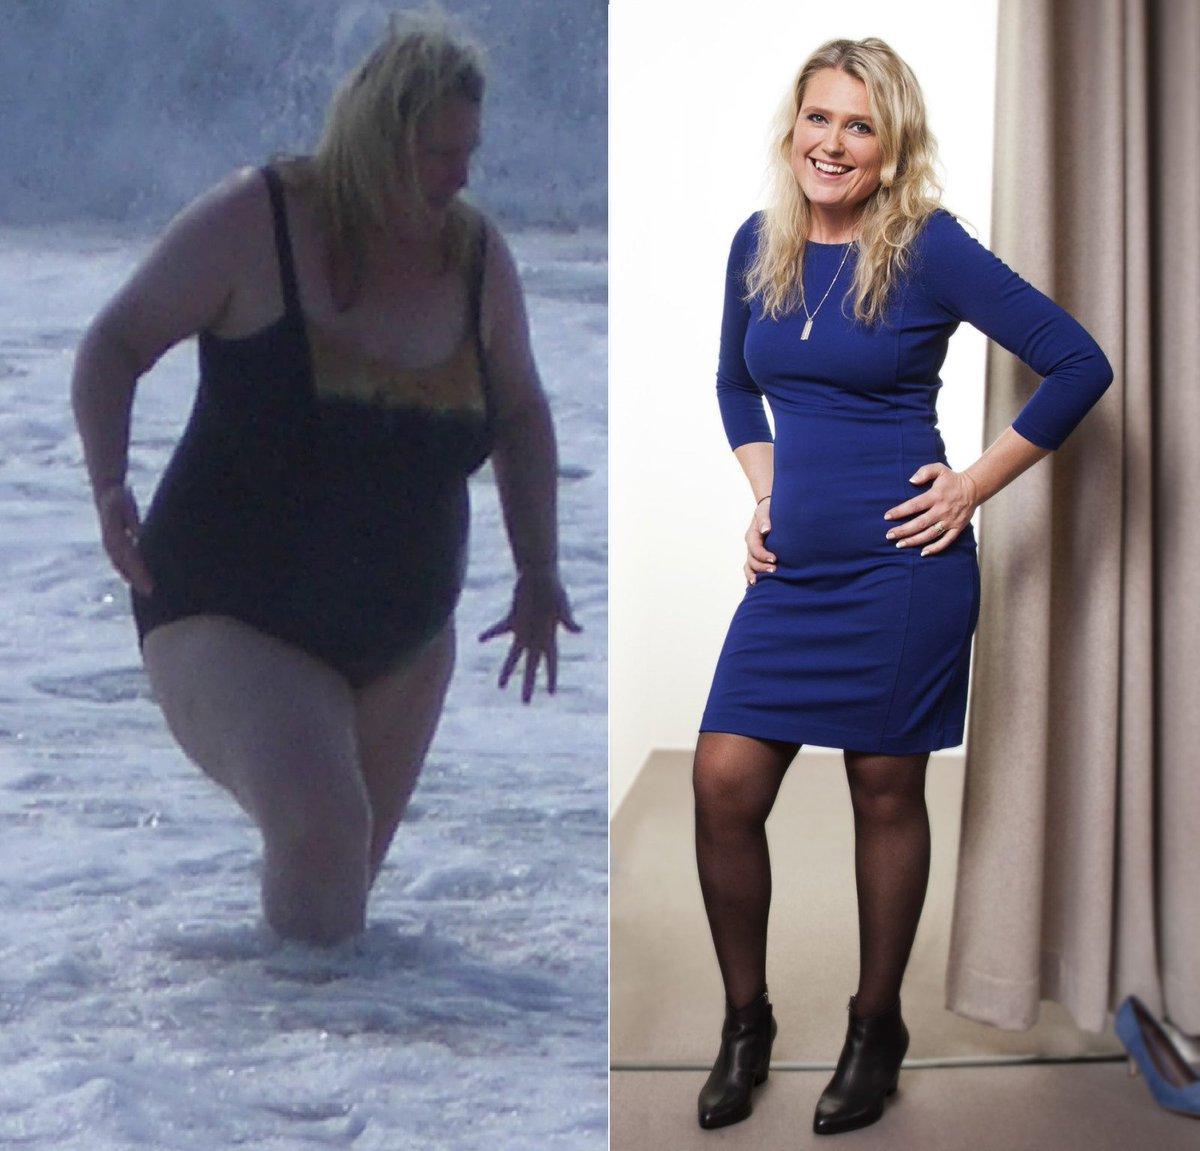 Метод Похудения Моделей. Суровая диета моделей на 3 дня (- 2-4 кг)